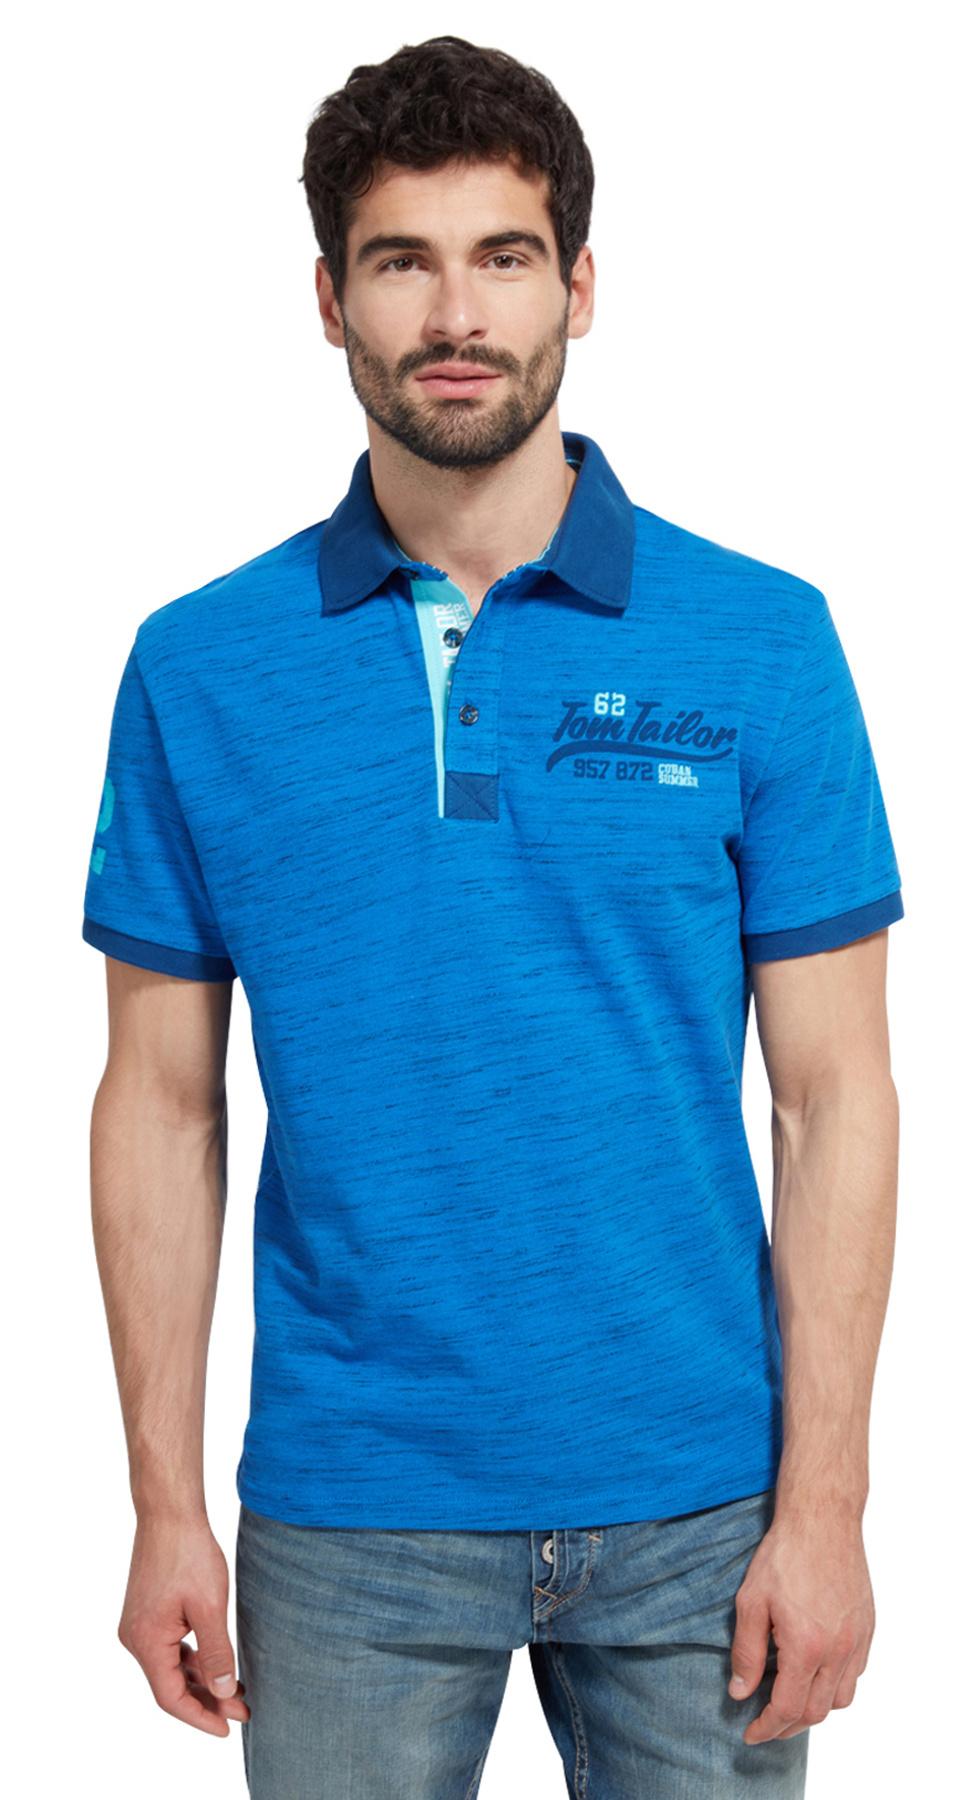 Tom Tailor pánské triko s límečkem 15311130010/6962 Modrá XXL